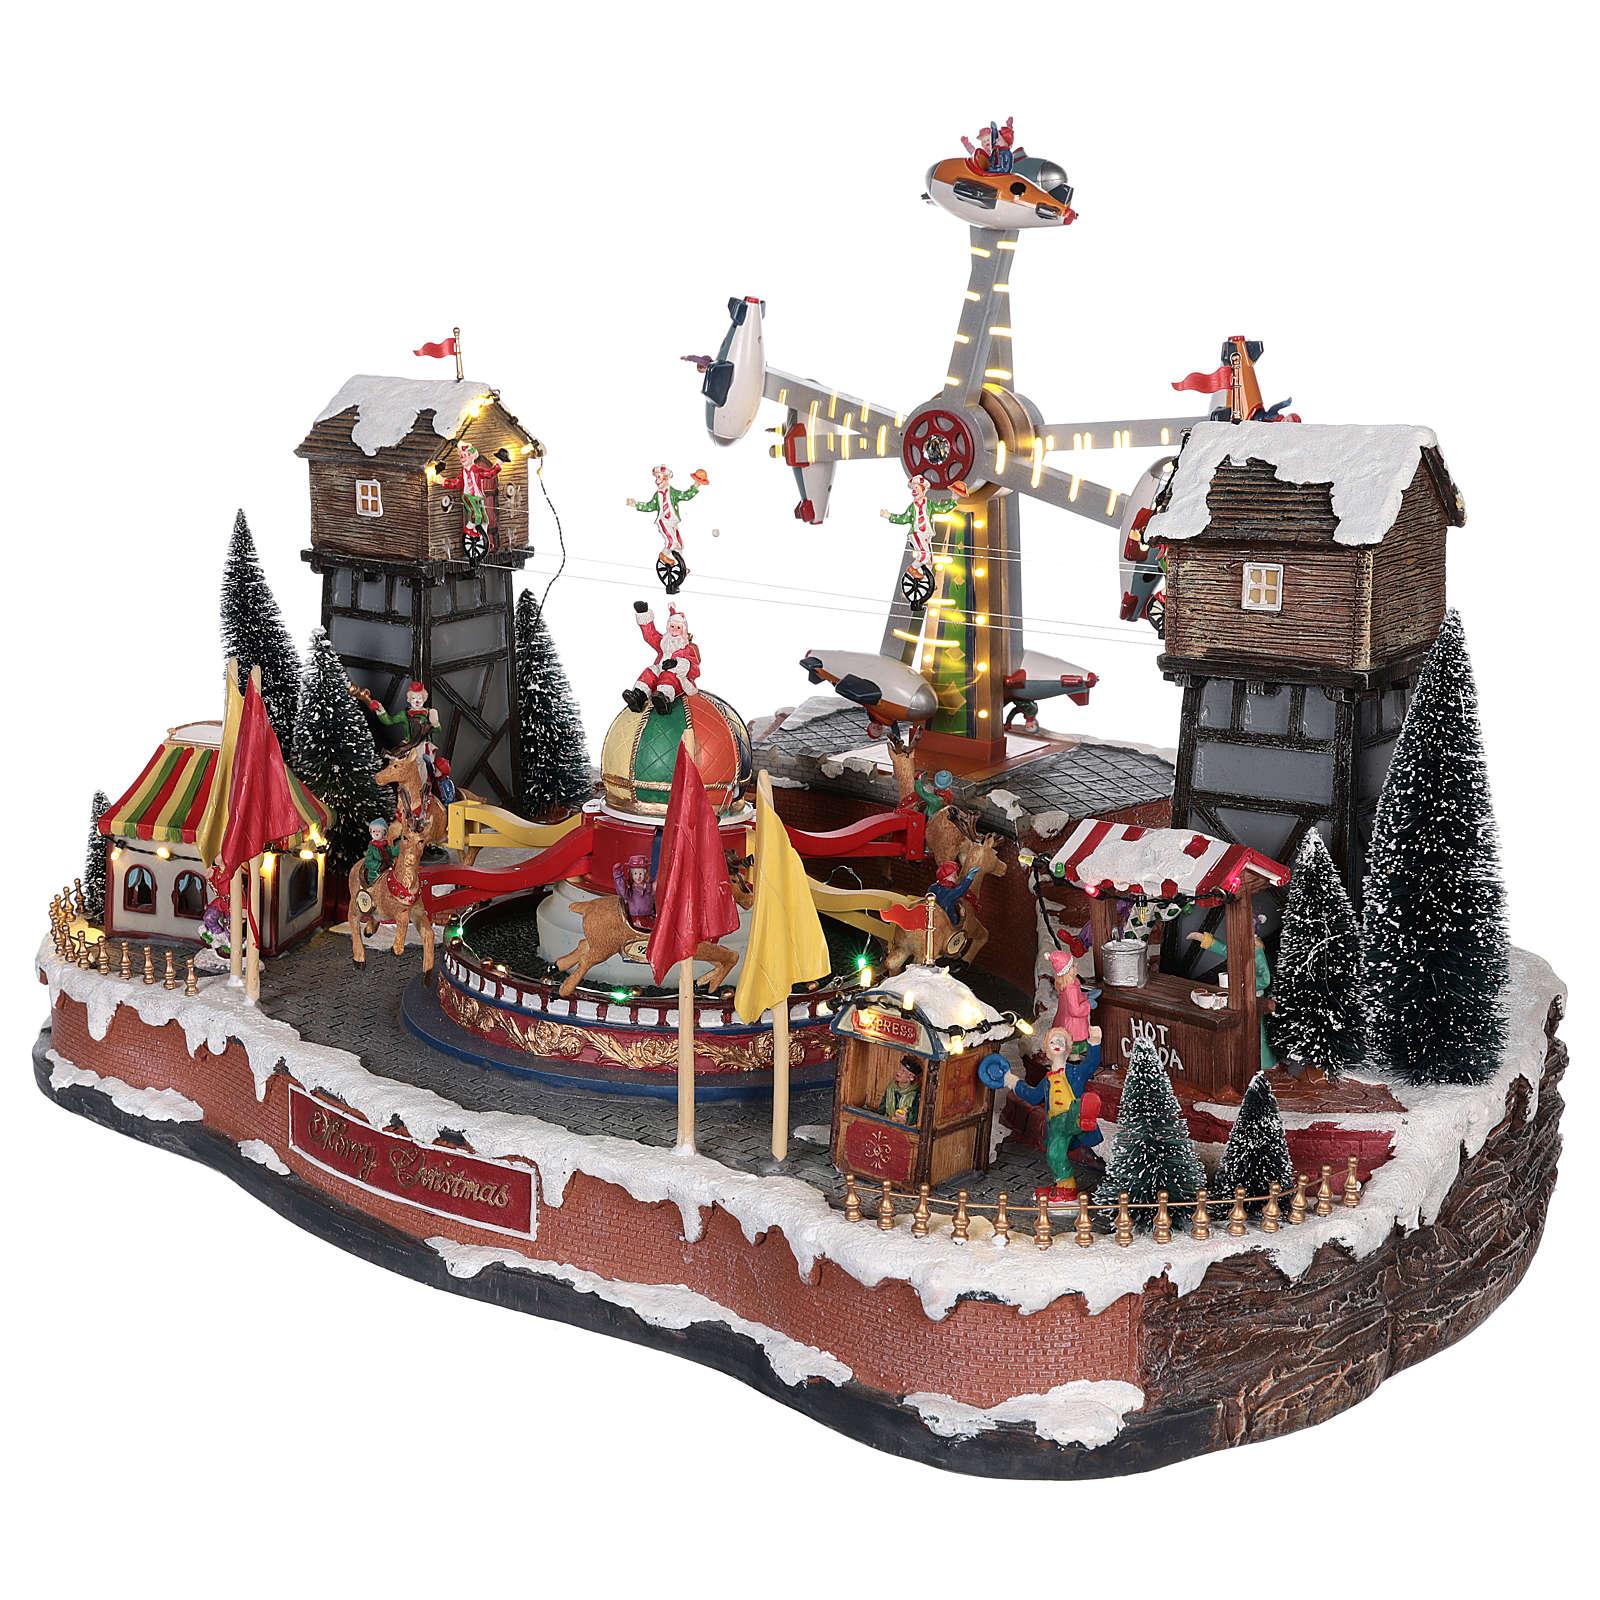 Luna park natalizio con aeroplani funamboli e giostra 45x65x45 cm 3